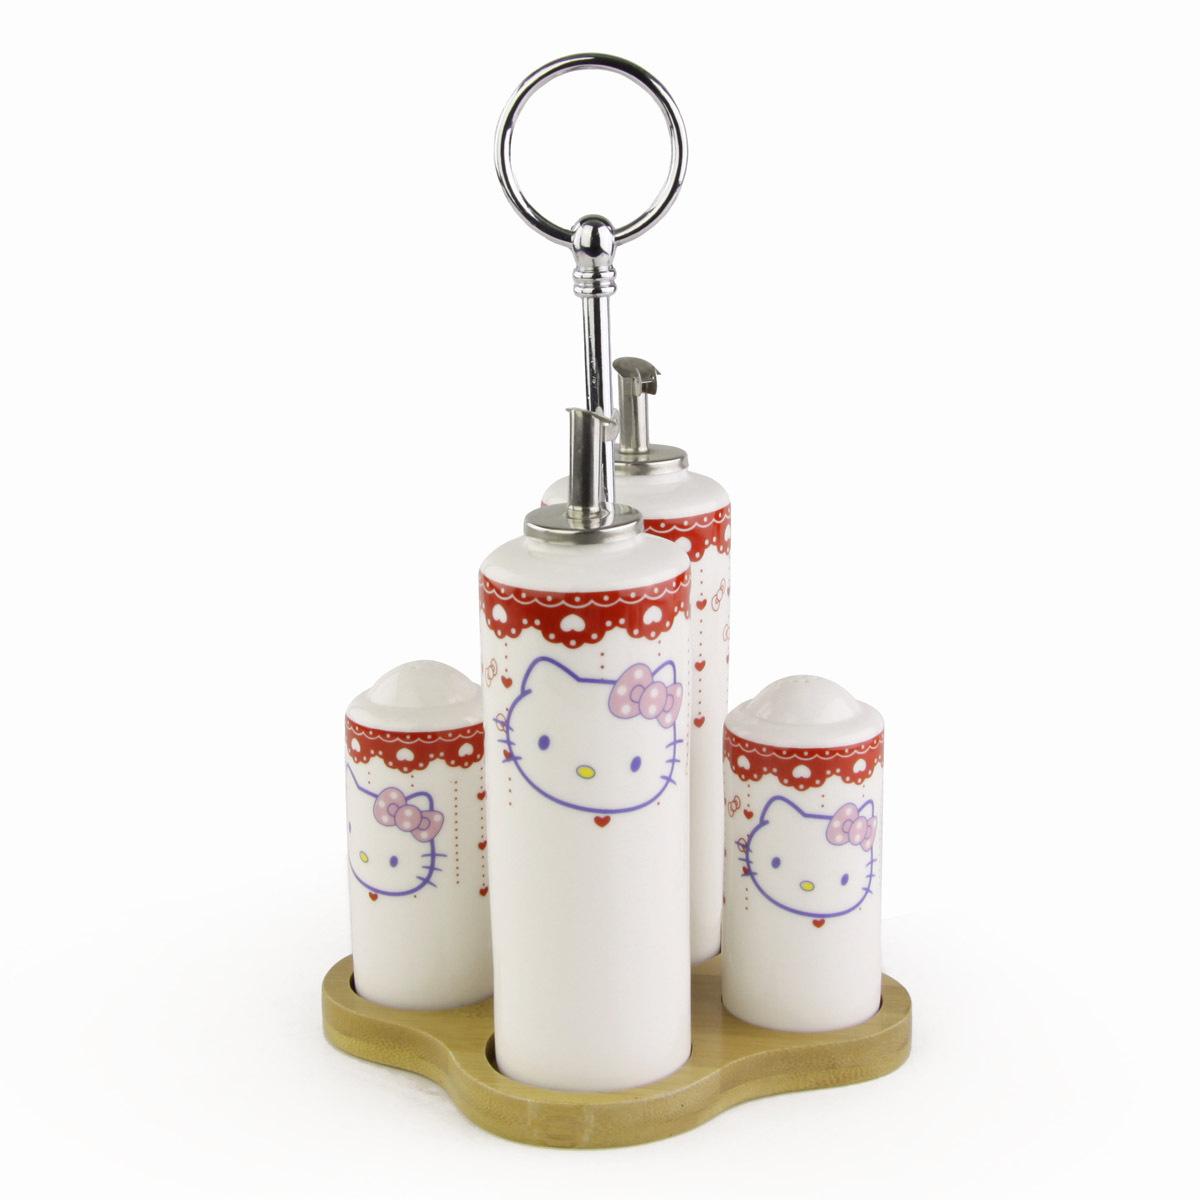 日日和 厨房用品创意hello kitty调味瓶胡椒瓶厨房陶瓷套装盐包邮